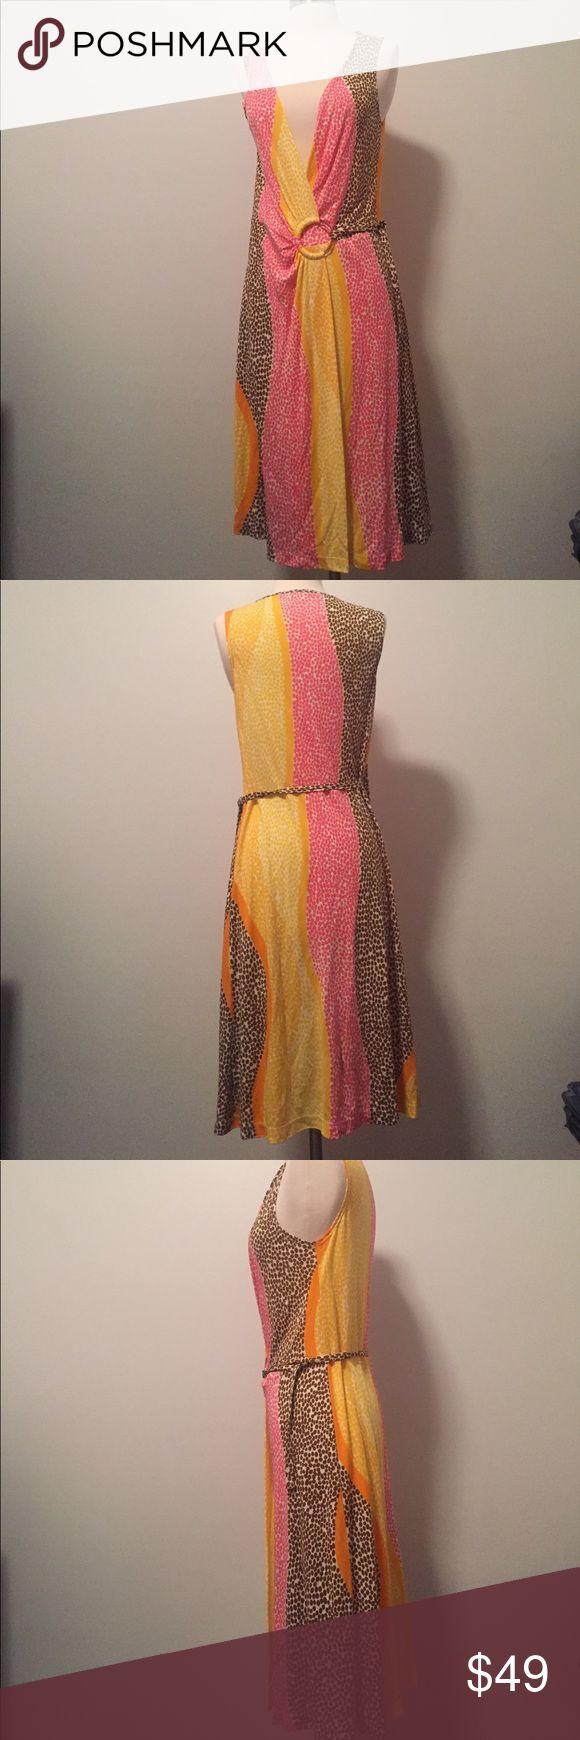 Trina Turk Dress Trina Turk Dress Size 6-worn once Trina Turk Dresses